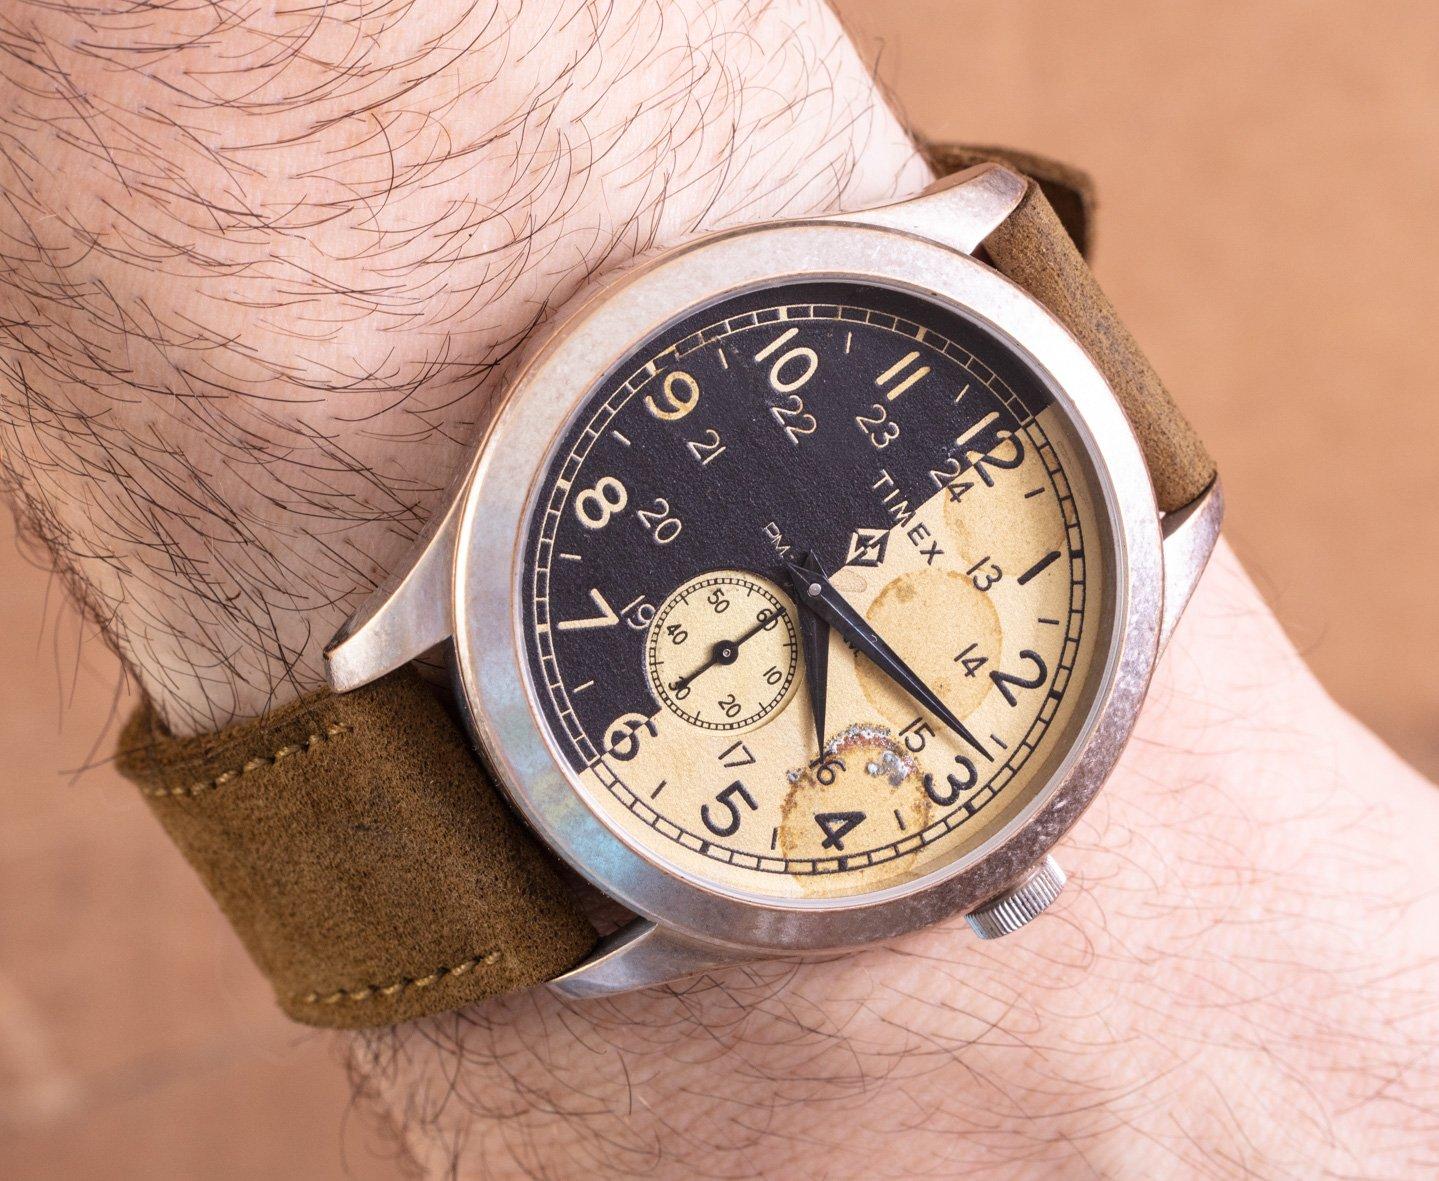 Дебют на руке: Часы Timex X MadeWorn American Documents